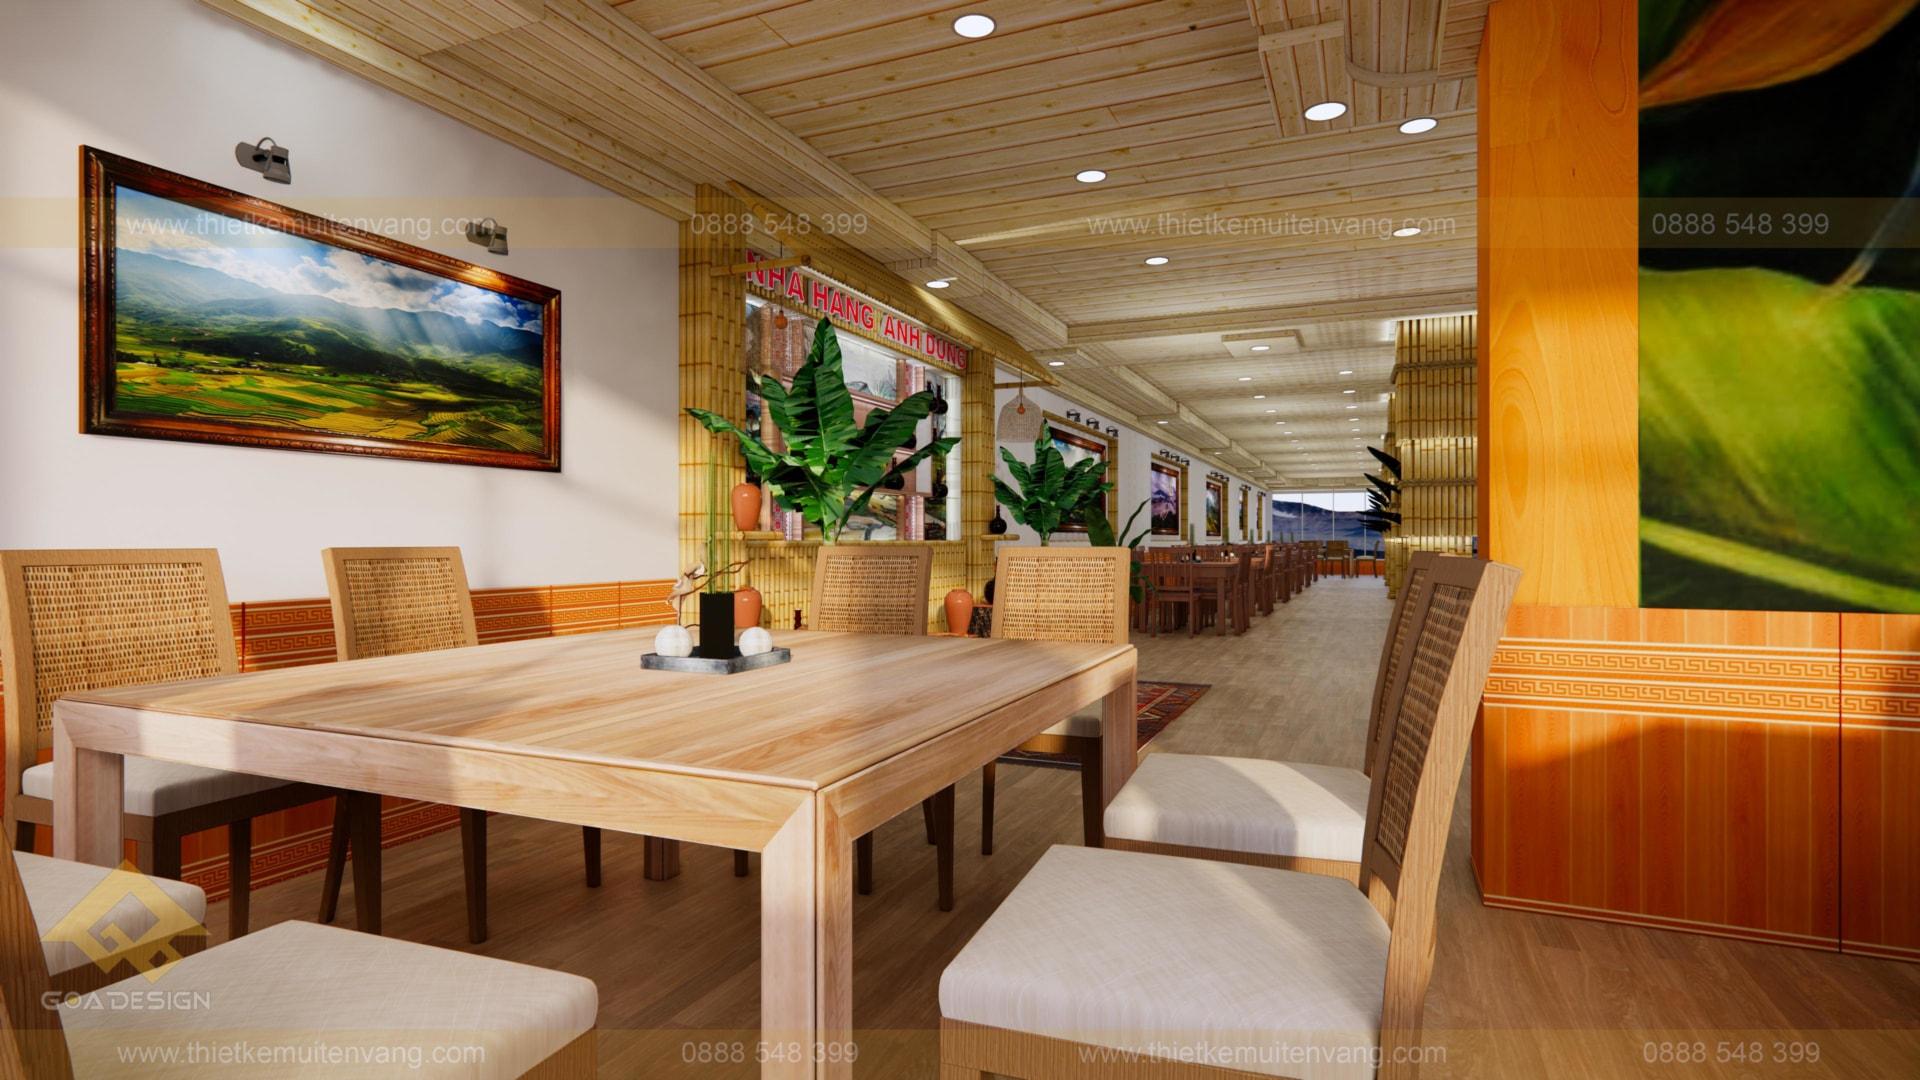 thiết kế nhà nhà hàng sapa 2020 (6)